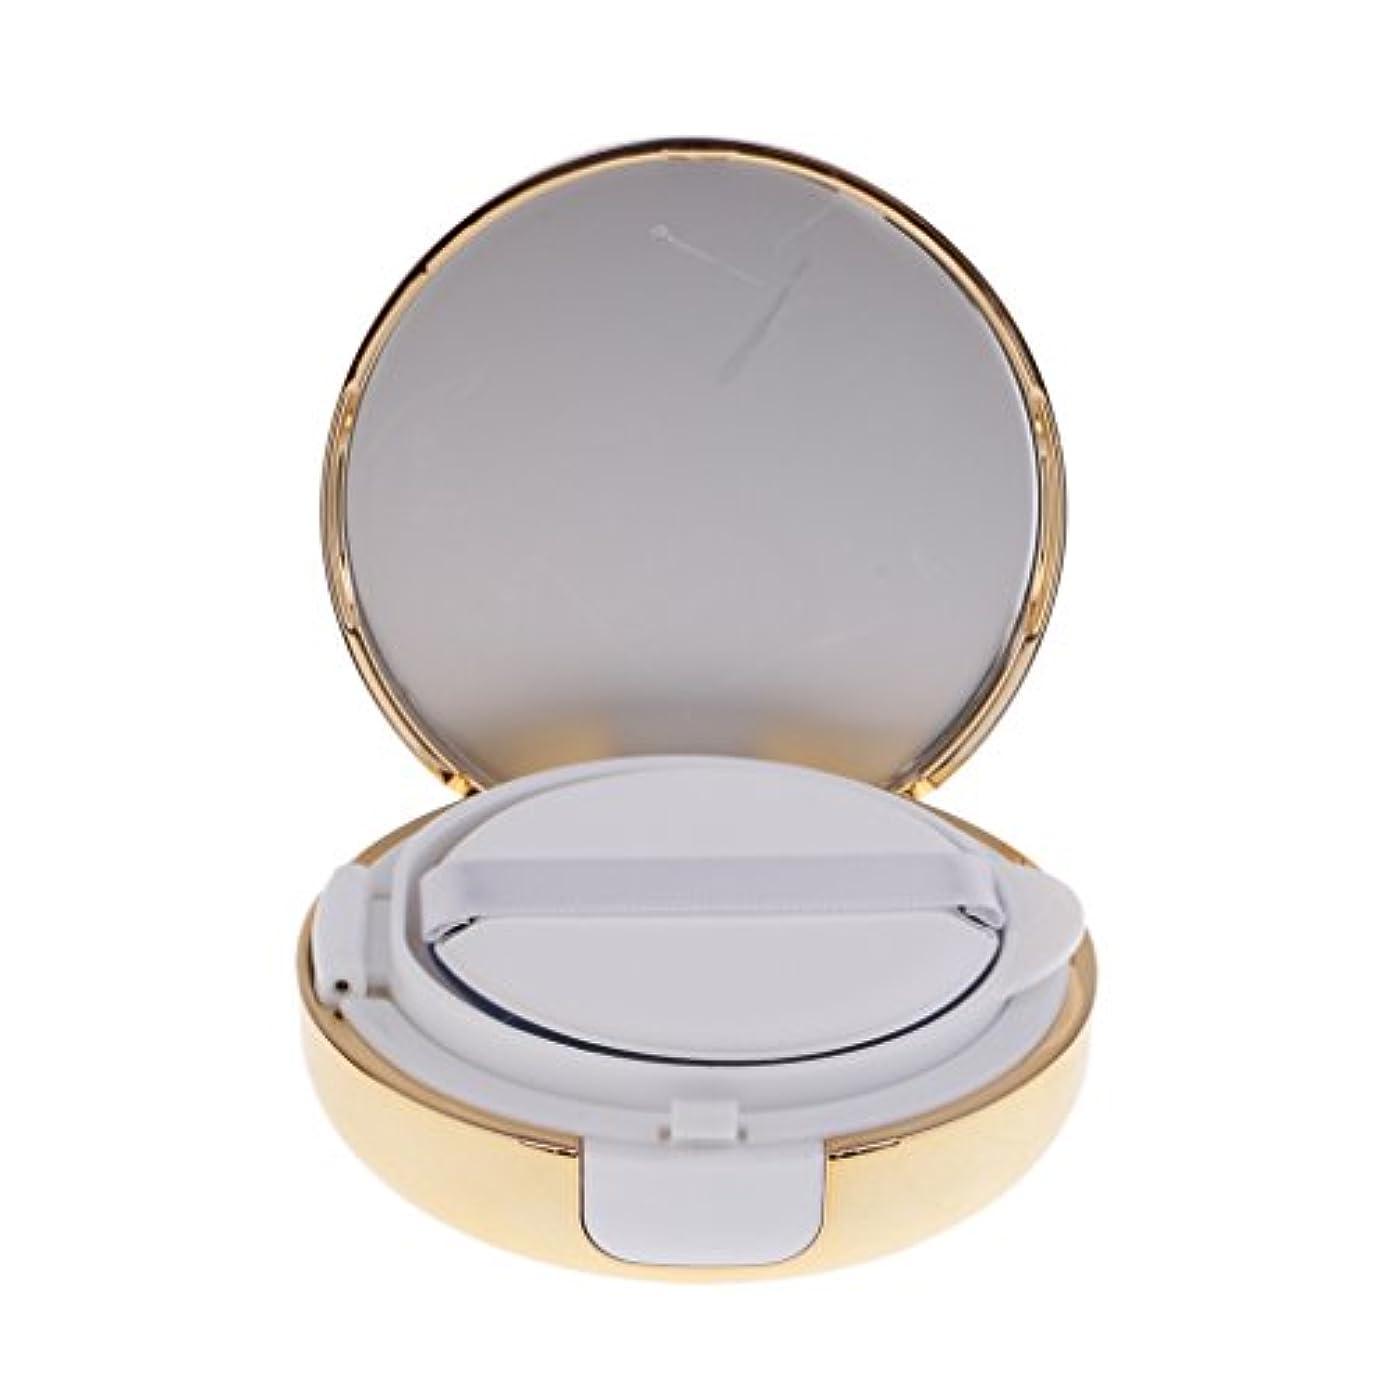 過激派輸送打ち負かすKesoto メイクアップ 空パウダーコンテナ ファンデーションケース エアクッション パフ BBクリーム 詰替え 化粧品 DIY プラスチック製 2色選べる - ゴールド